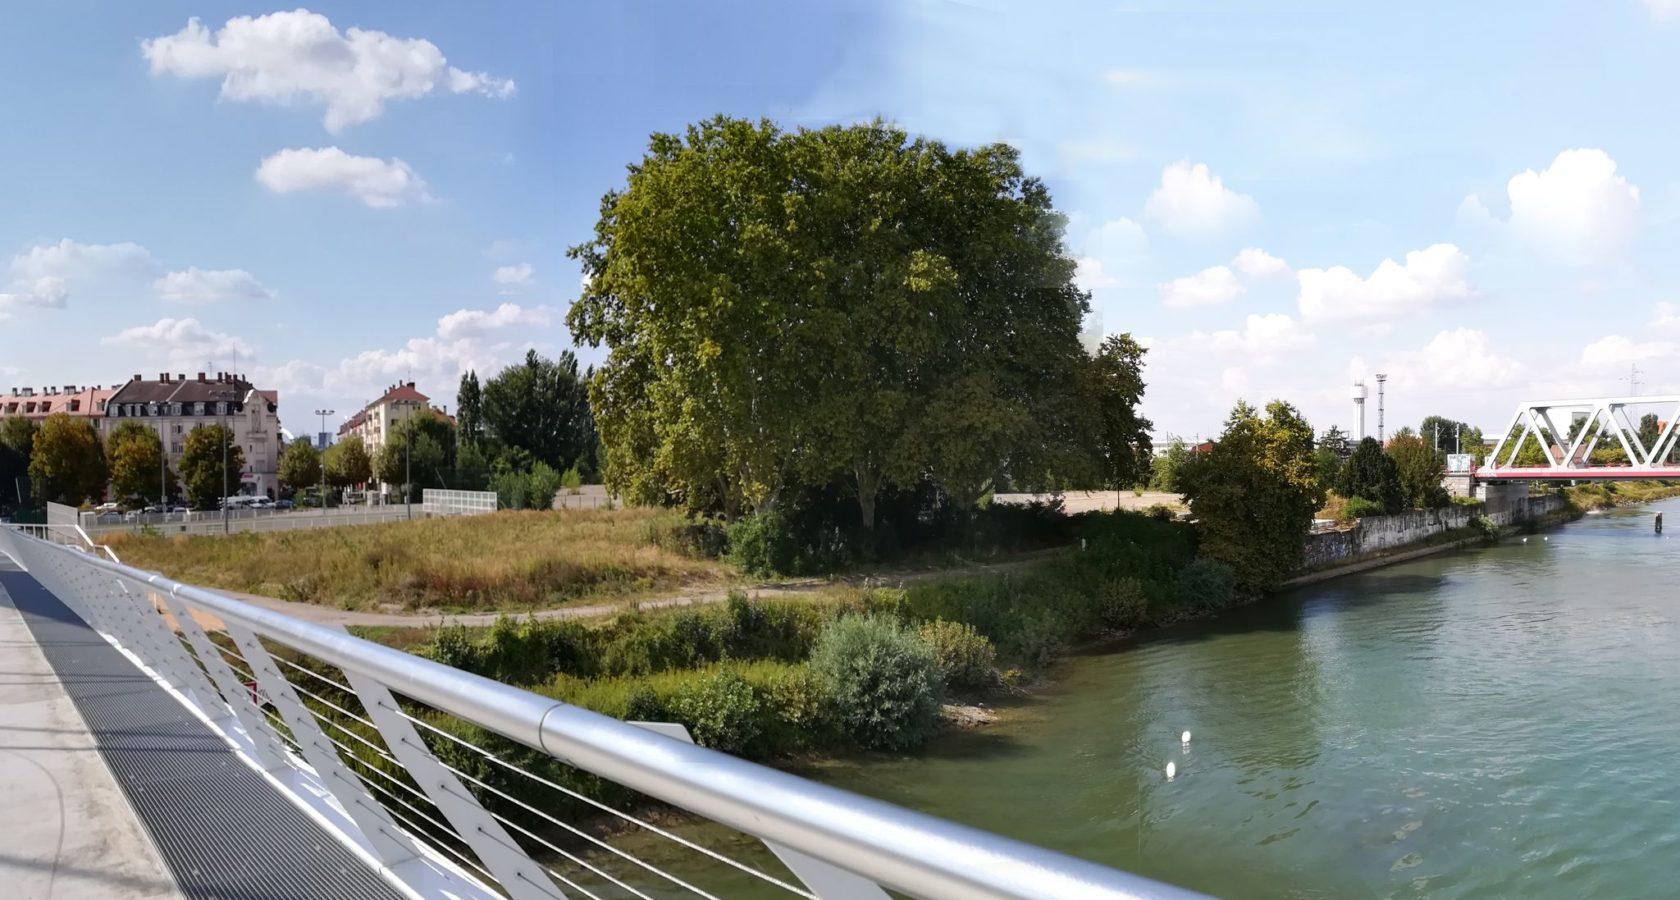 Vue depuis le Pont Beatus Rhenanus sur les Rives du Rhin, aujourd'hui. Crédits photo SPL Deux-Rives